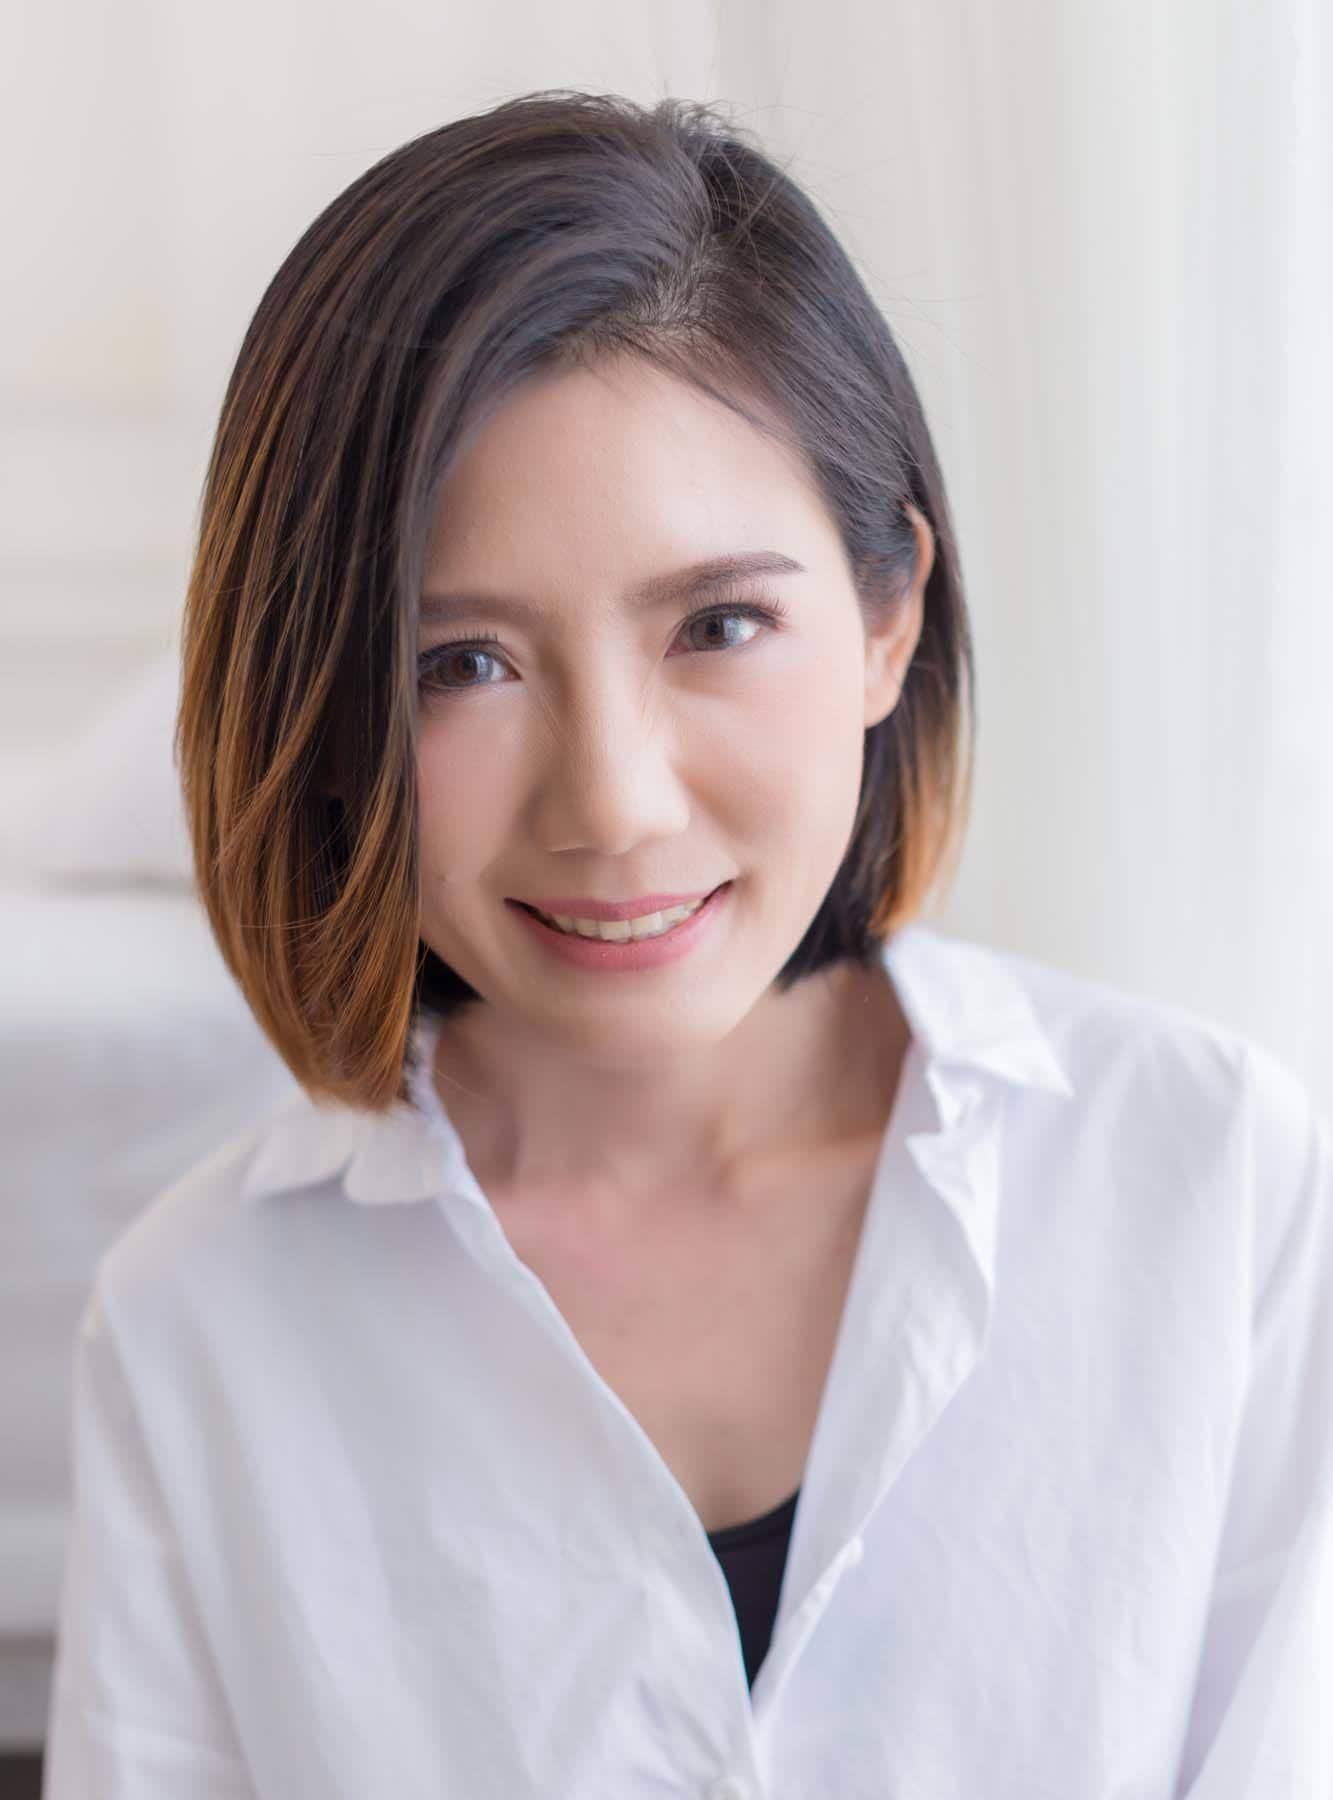 ผู้หญิงเอเชีย สวมเสื้อสีขาว ตัดผมบ๊อบสั้น